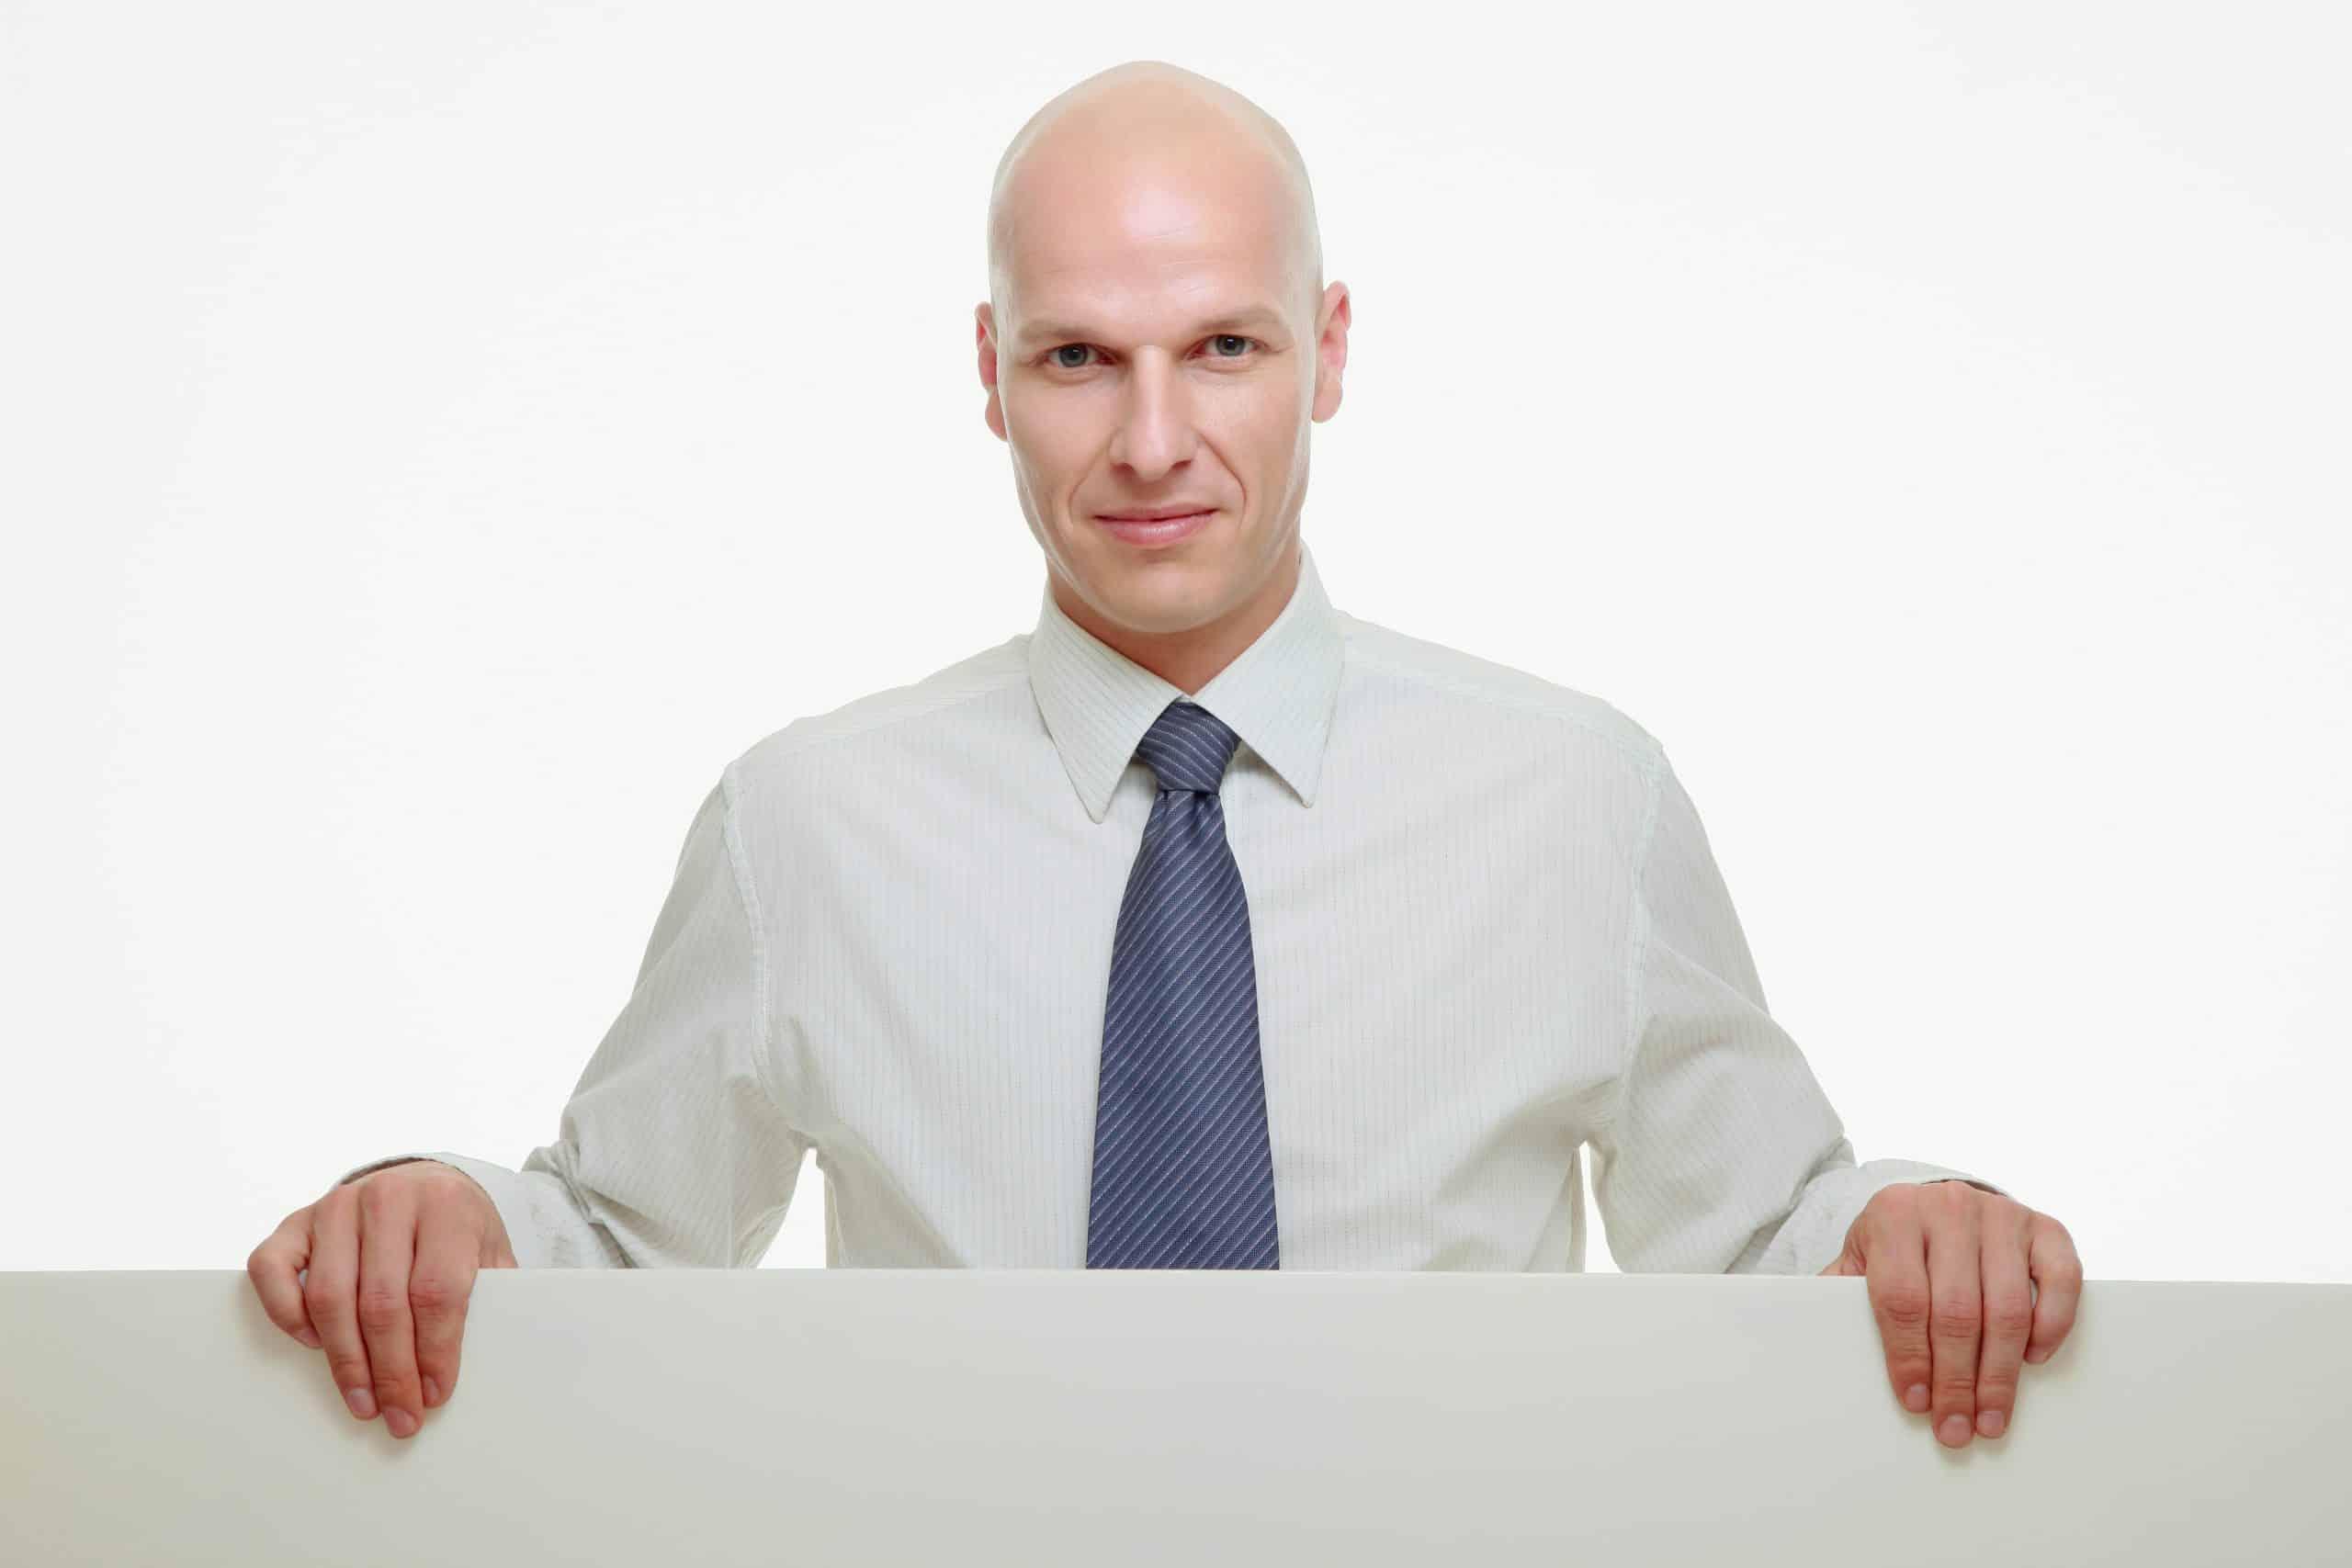 לבצע השתלת שיער לגברים – הכל על השתלת שיער לגברים